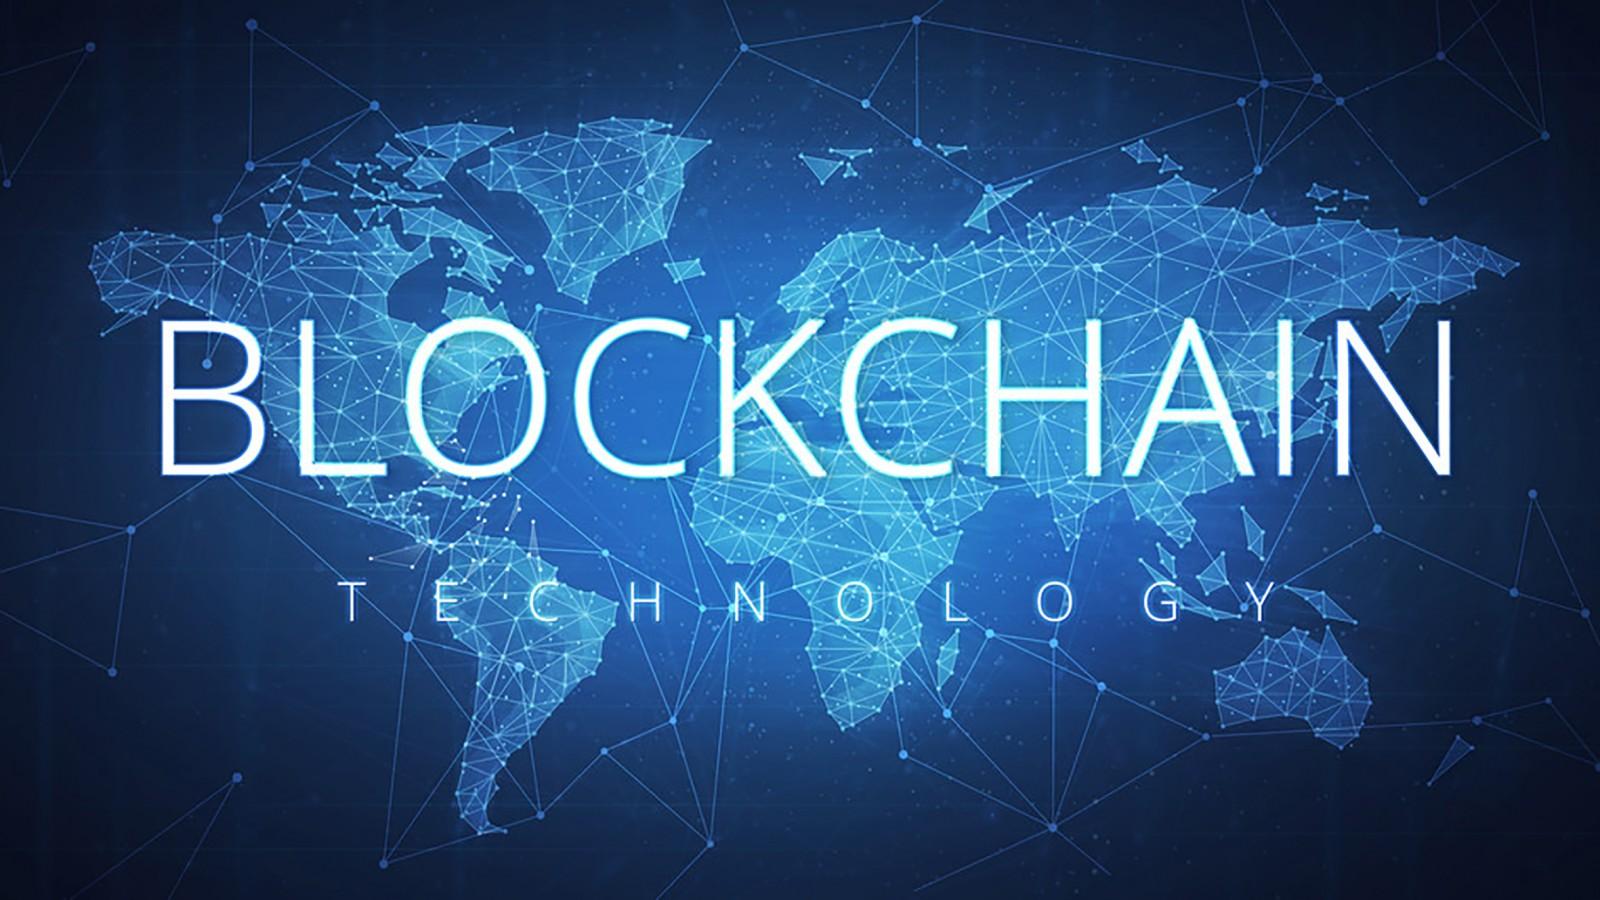 SWIFT, công ty điều hành mạng lưới nhắn tin thanh toán tài chính lớn nhất thế giới, vừa công bố kế hoạch thử nghiệm blockchain như một phương pháp cho phép các cổ đông